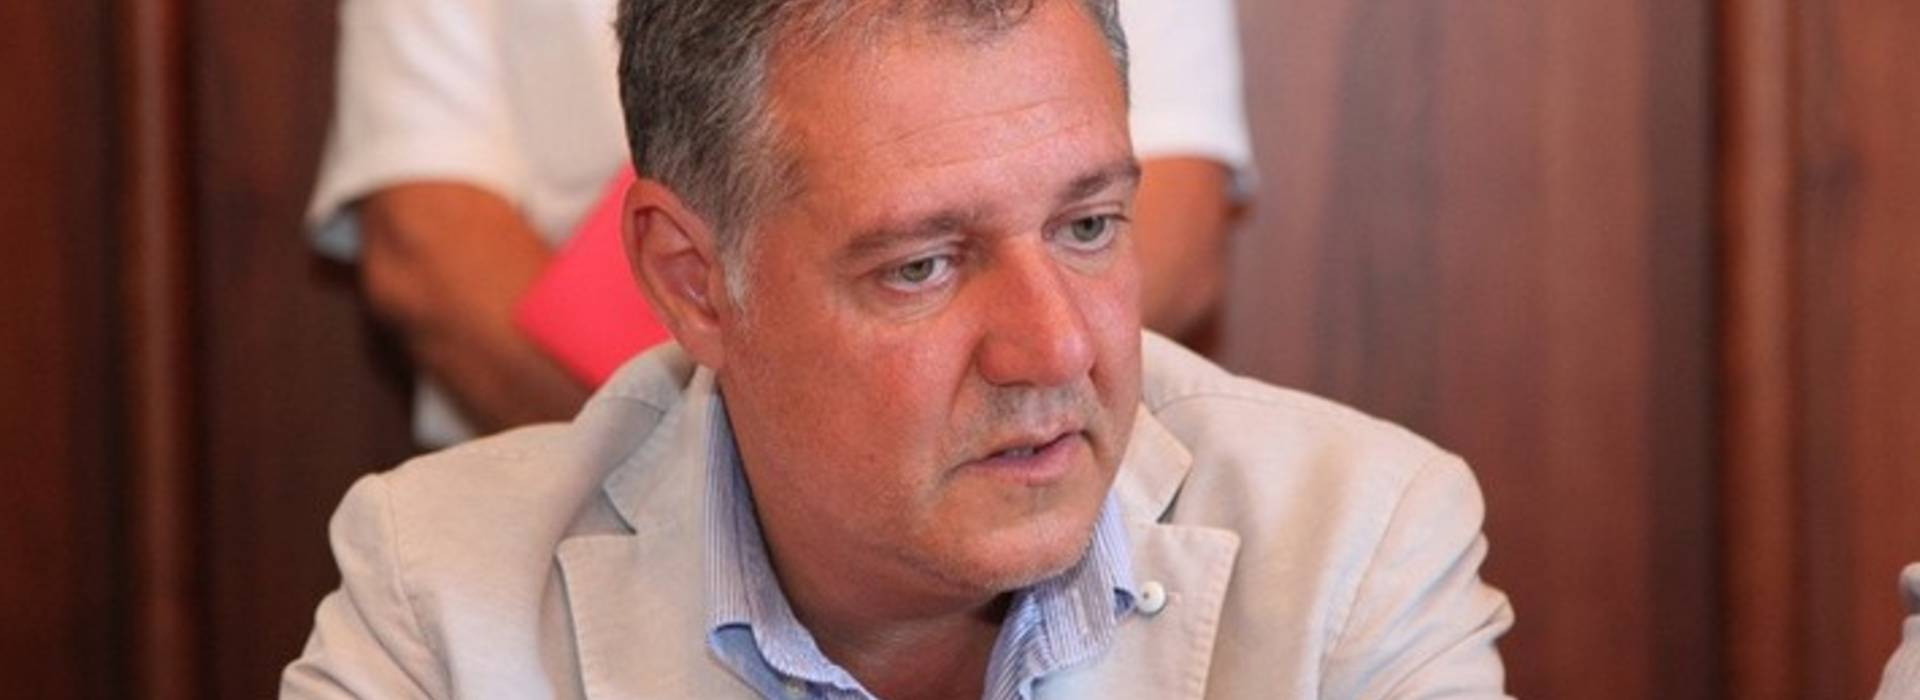 Mazzette, diamanti e Rolex: 10 anni di carcere all'ex giudice di Trani Antonio Savasta